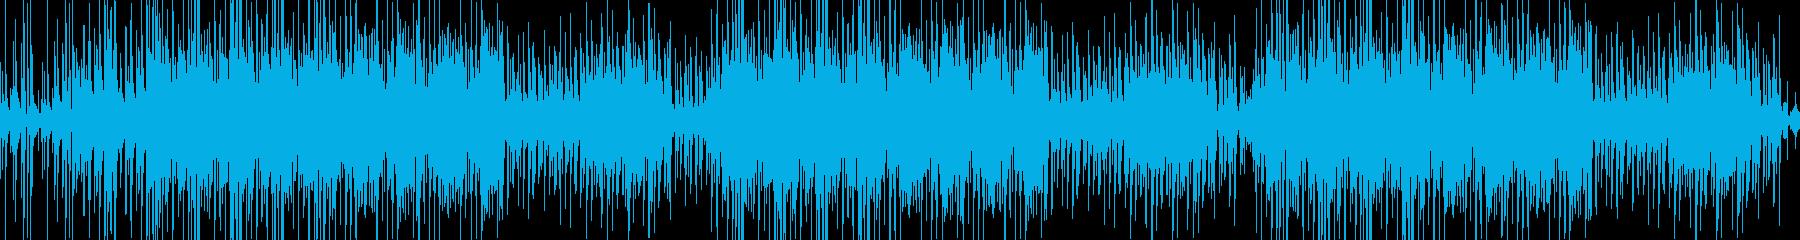 アコースティックでオシャレなポップスの再生済みの波形